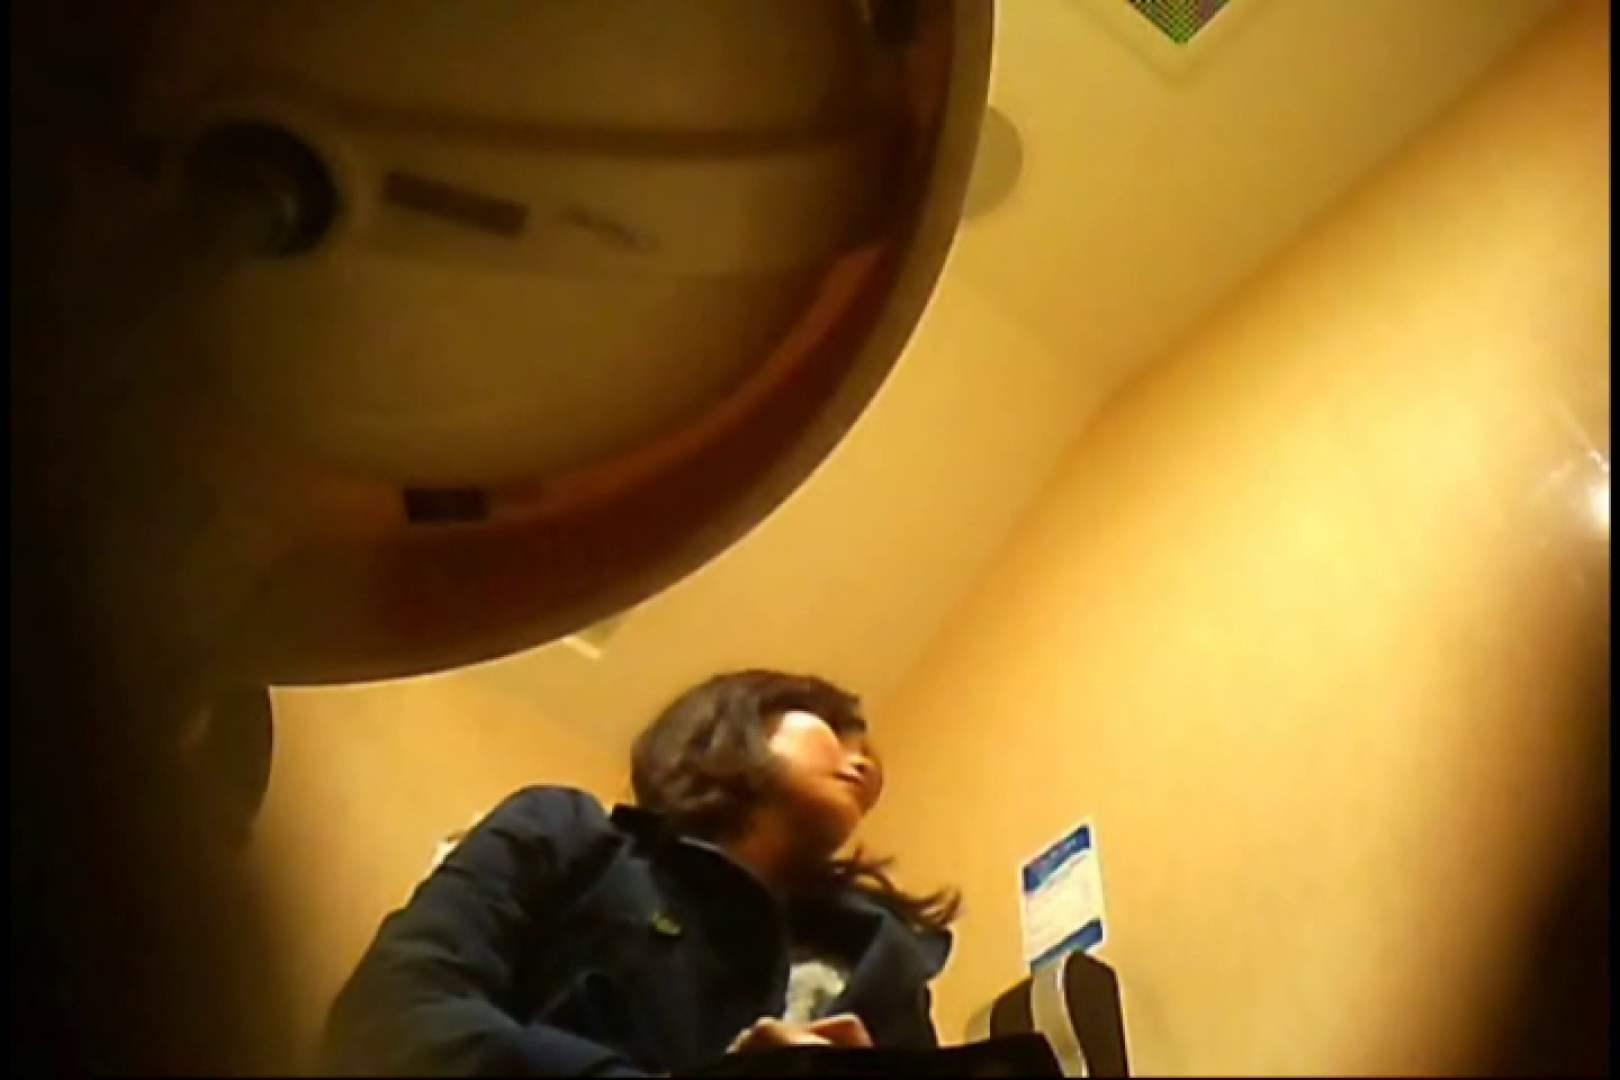 潜入!!女子化粧室盗撮~絶対見られたくない時間~vo,16 潜入 | 女体盗撮  92連発 1